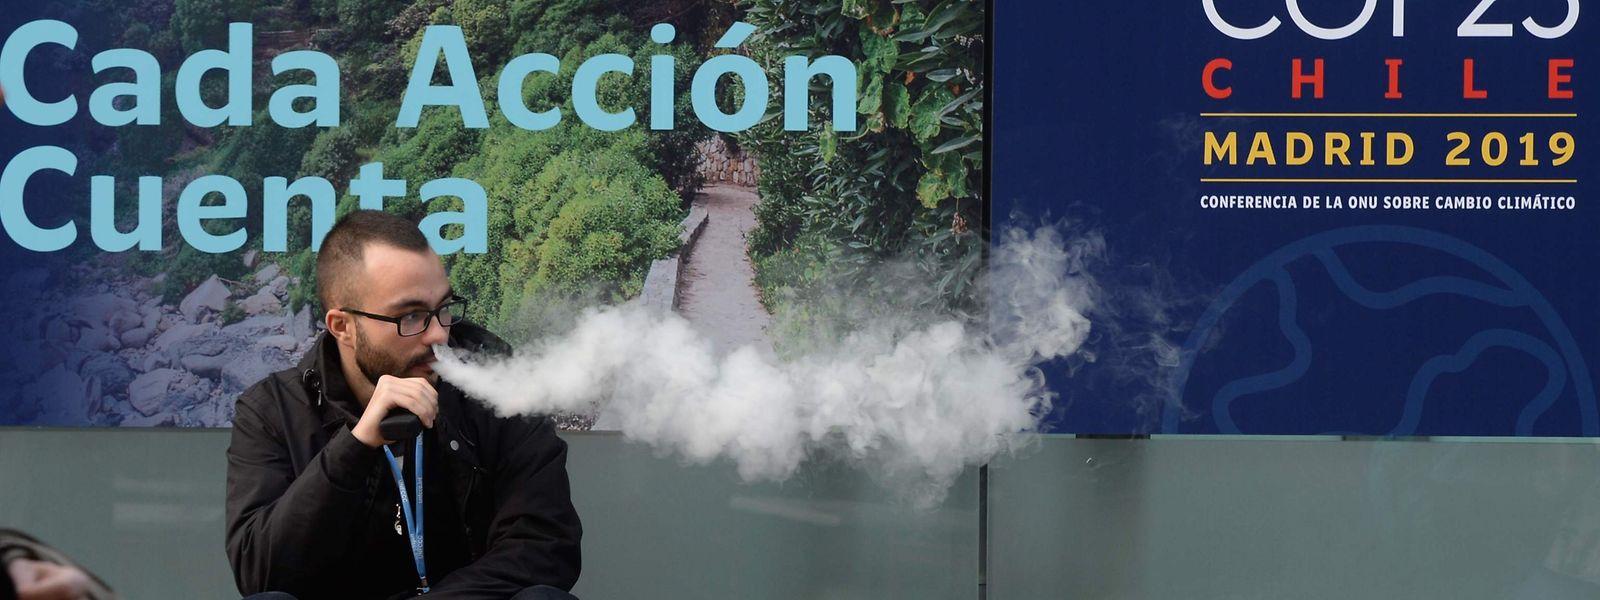 Warten auf weißen Rauch: Einmal mehr wird bei der Weltklimakonferenz ums Geld gestritten.